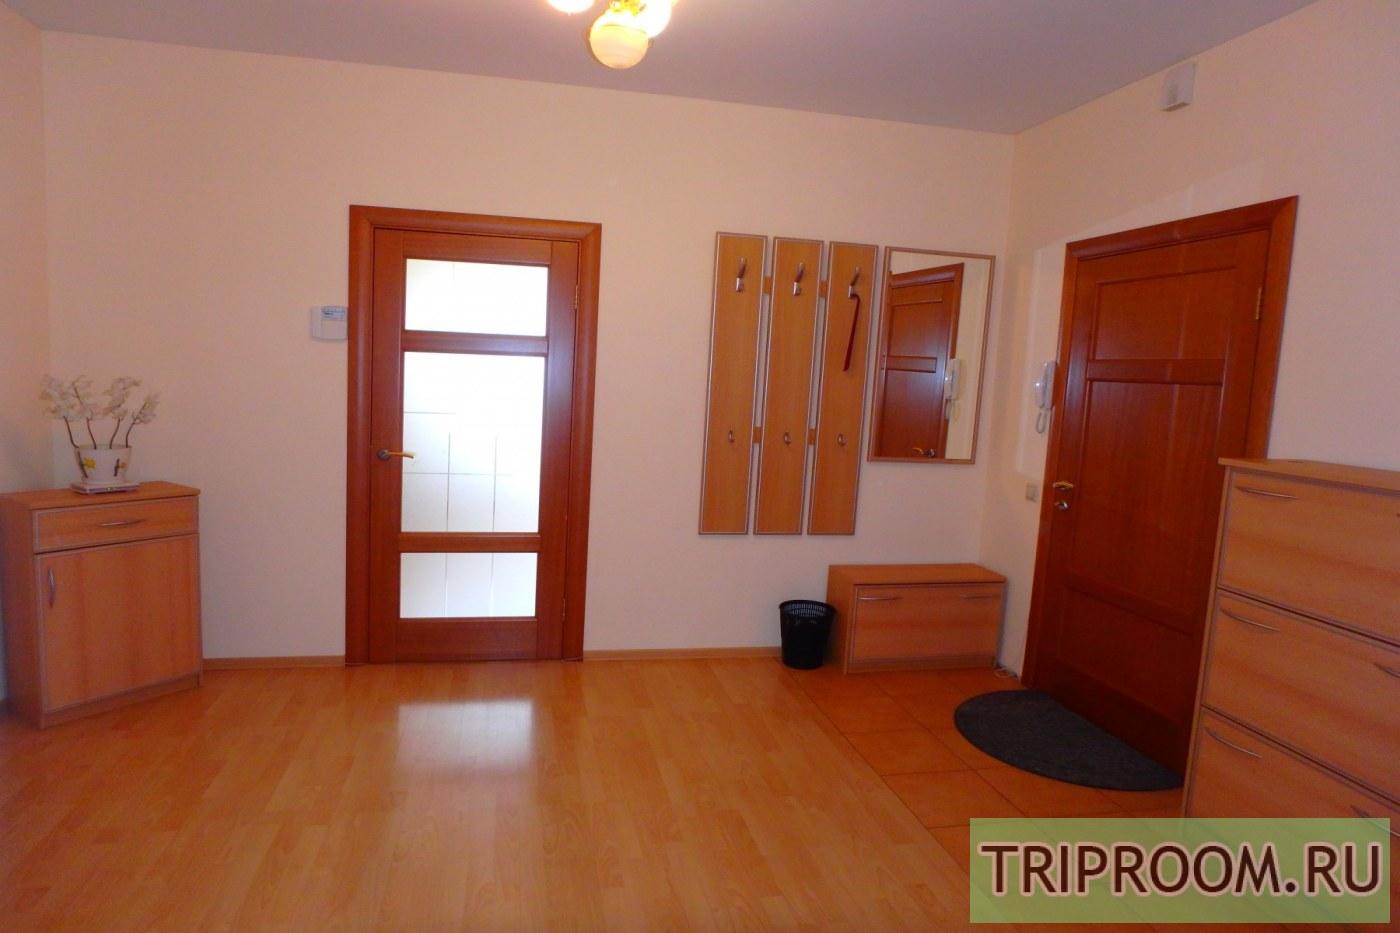 2-комнатная квартира посуточно (вариант № 9383), ул. Каменская улица, фото № 16